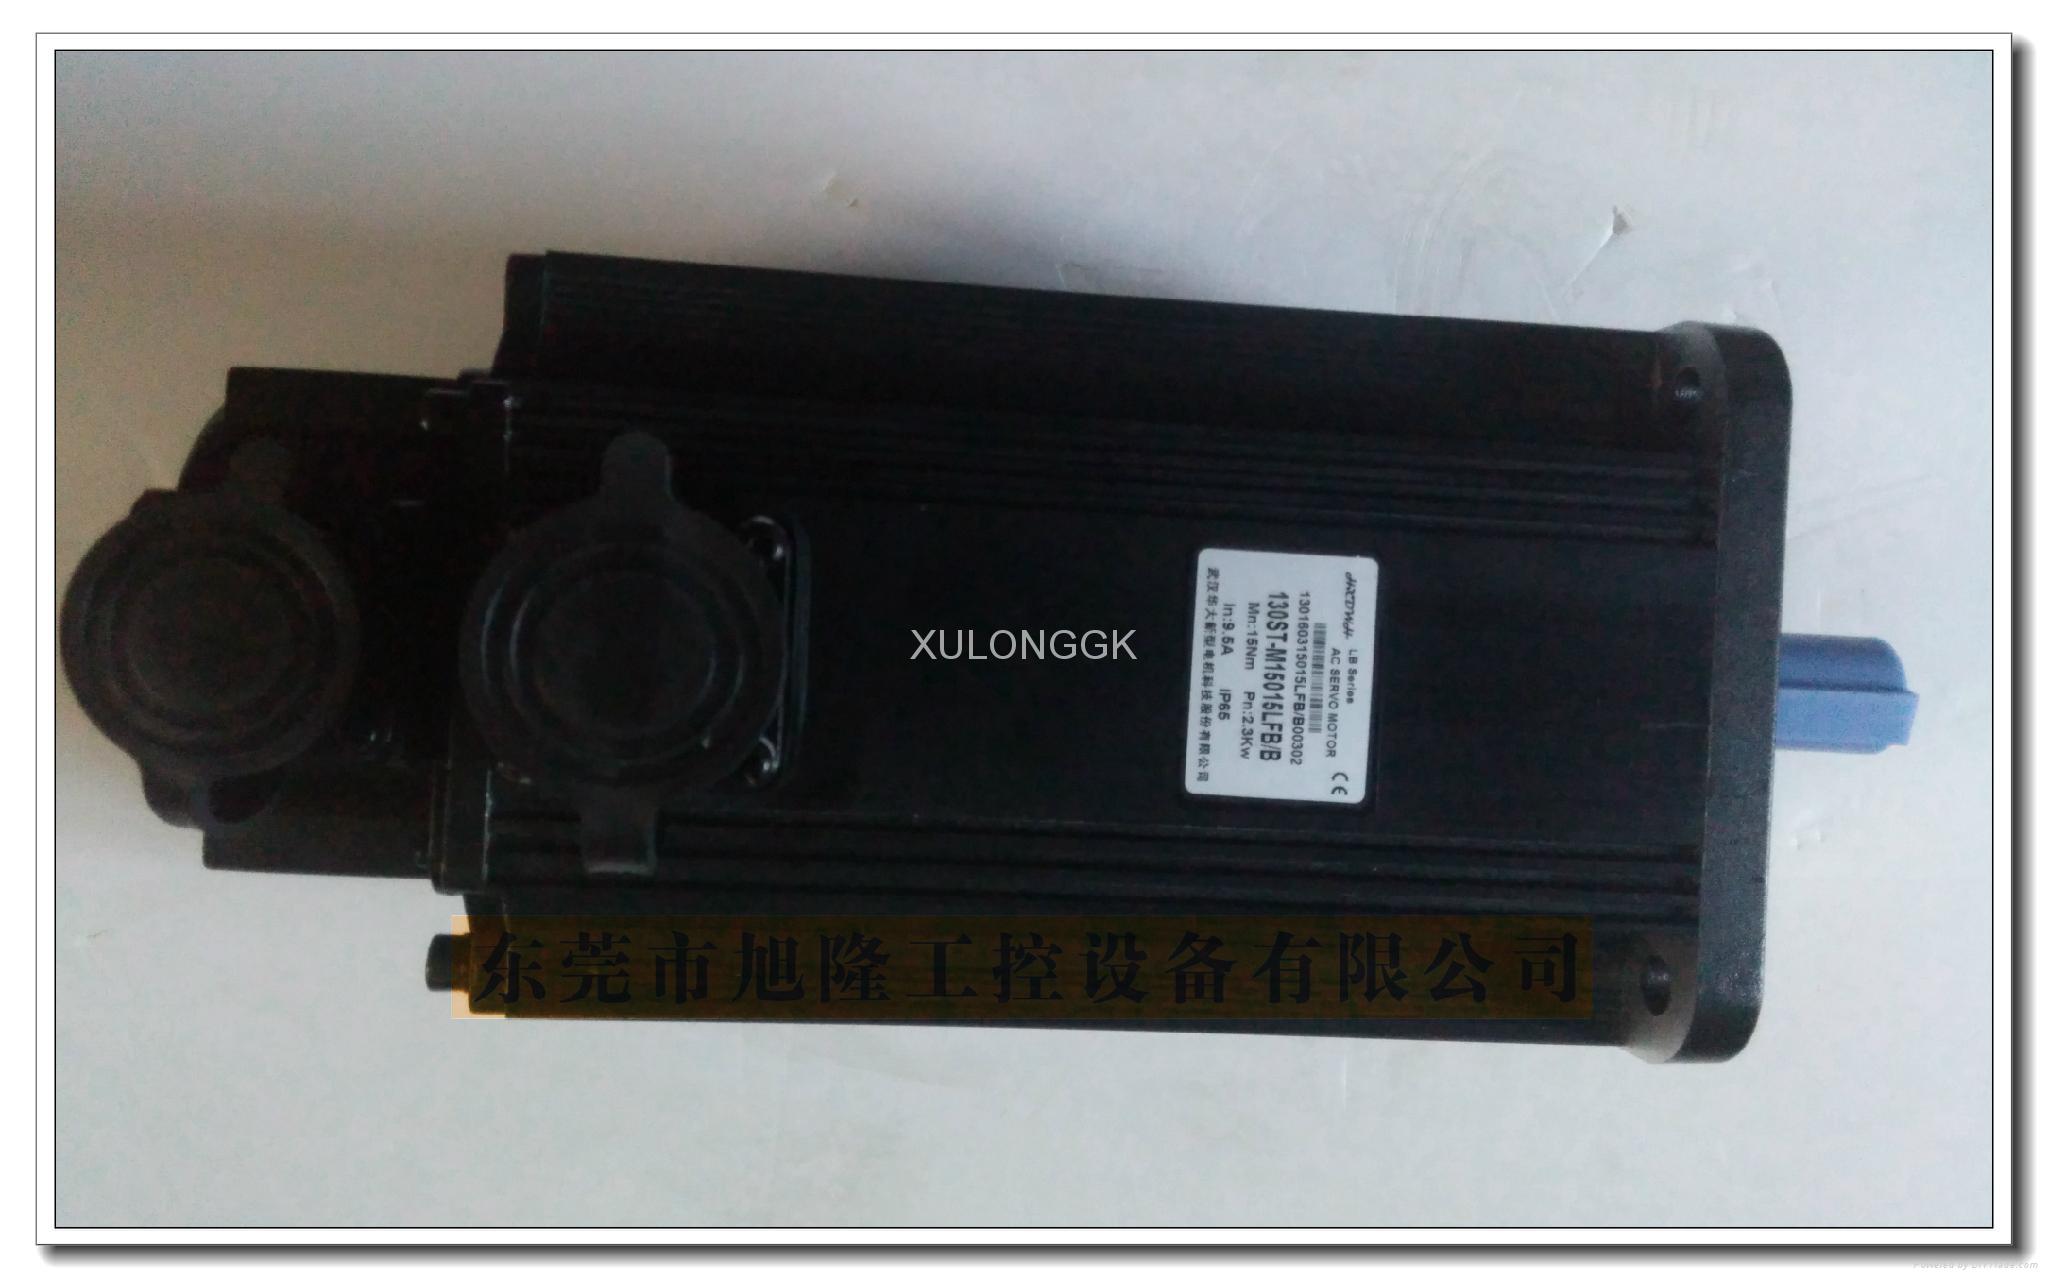 華大伺服馬達配K系列驅動130ST-M15015LFB 1.5kw 15N  220V 數控深孔鑽設備替安川用 3